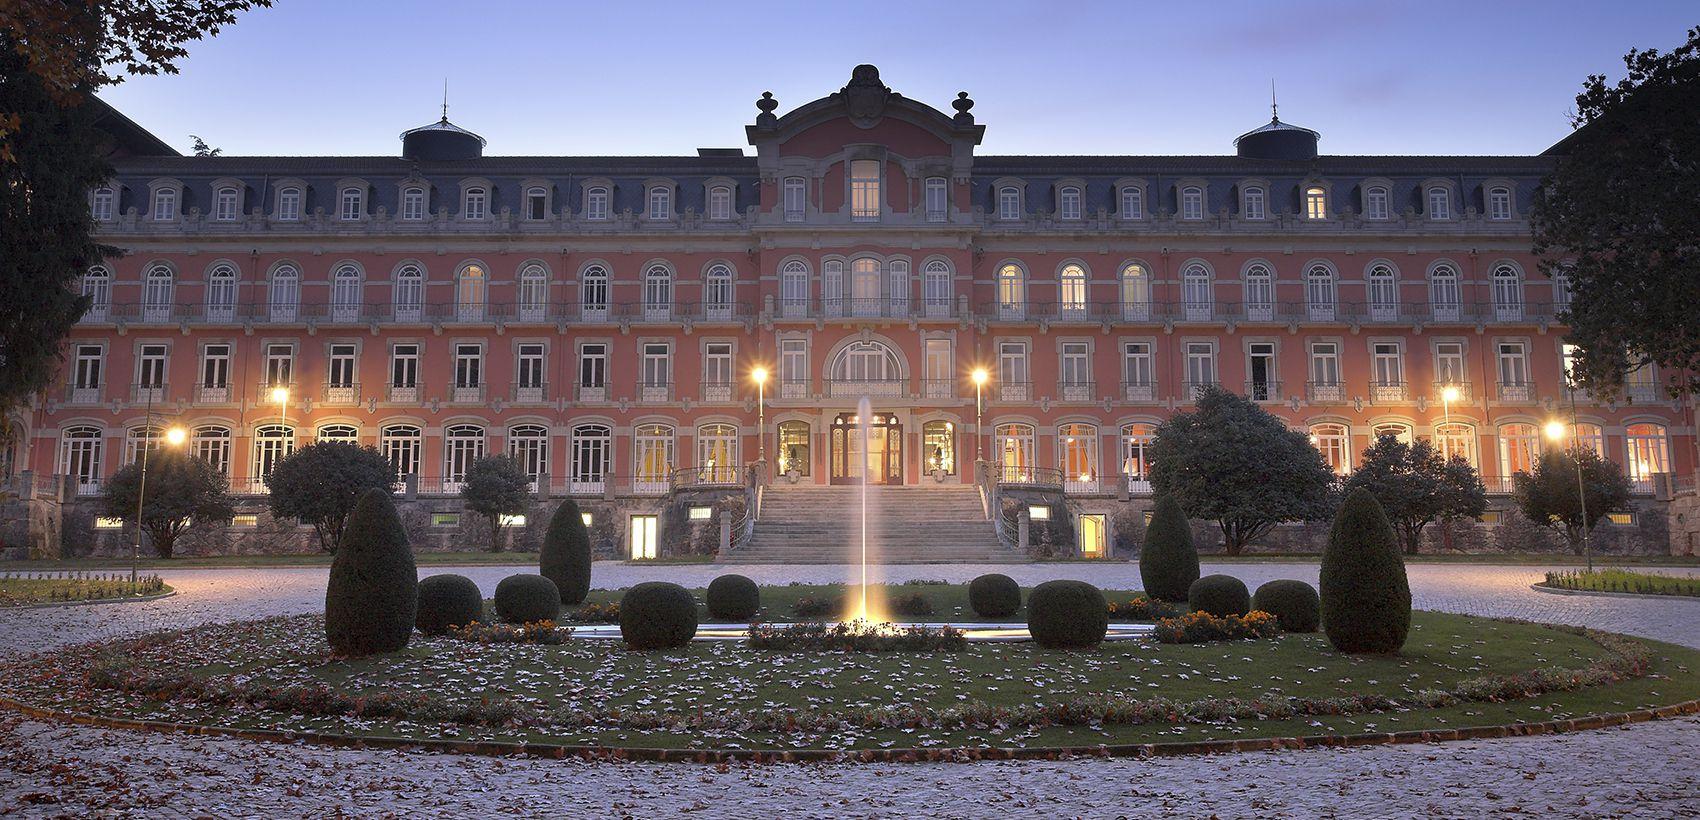 Durma num Palácio | A Lenda Renascida: Vidago Palace